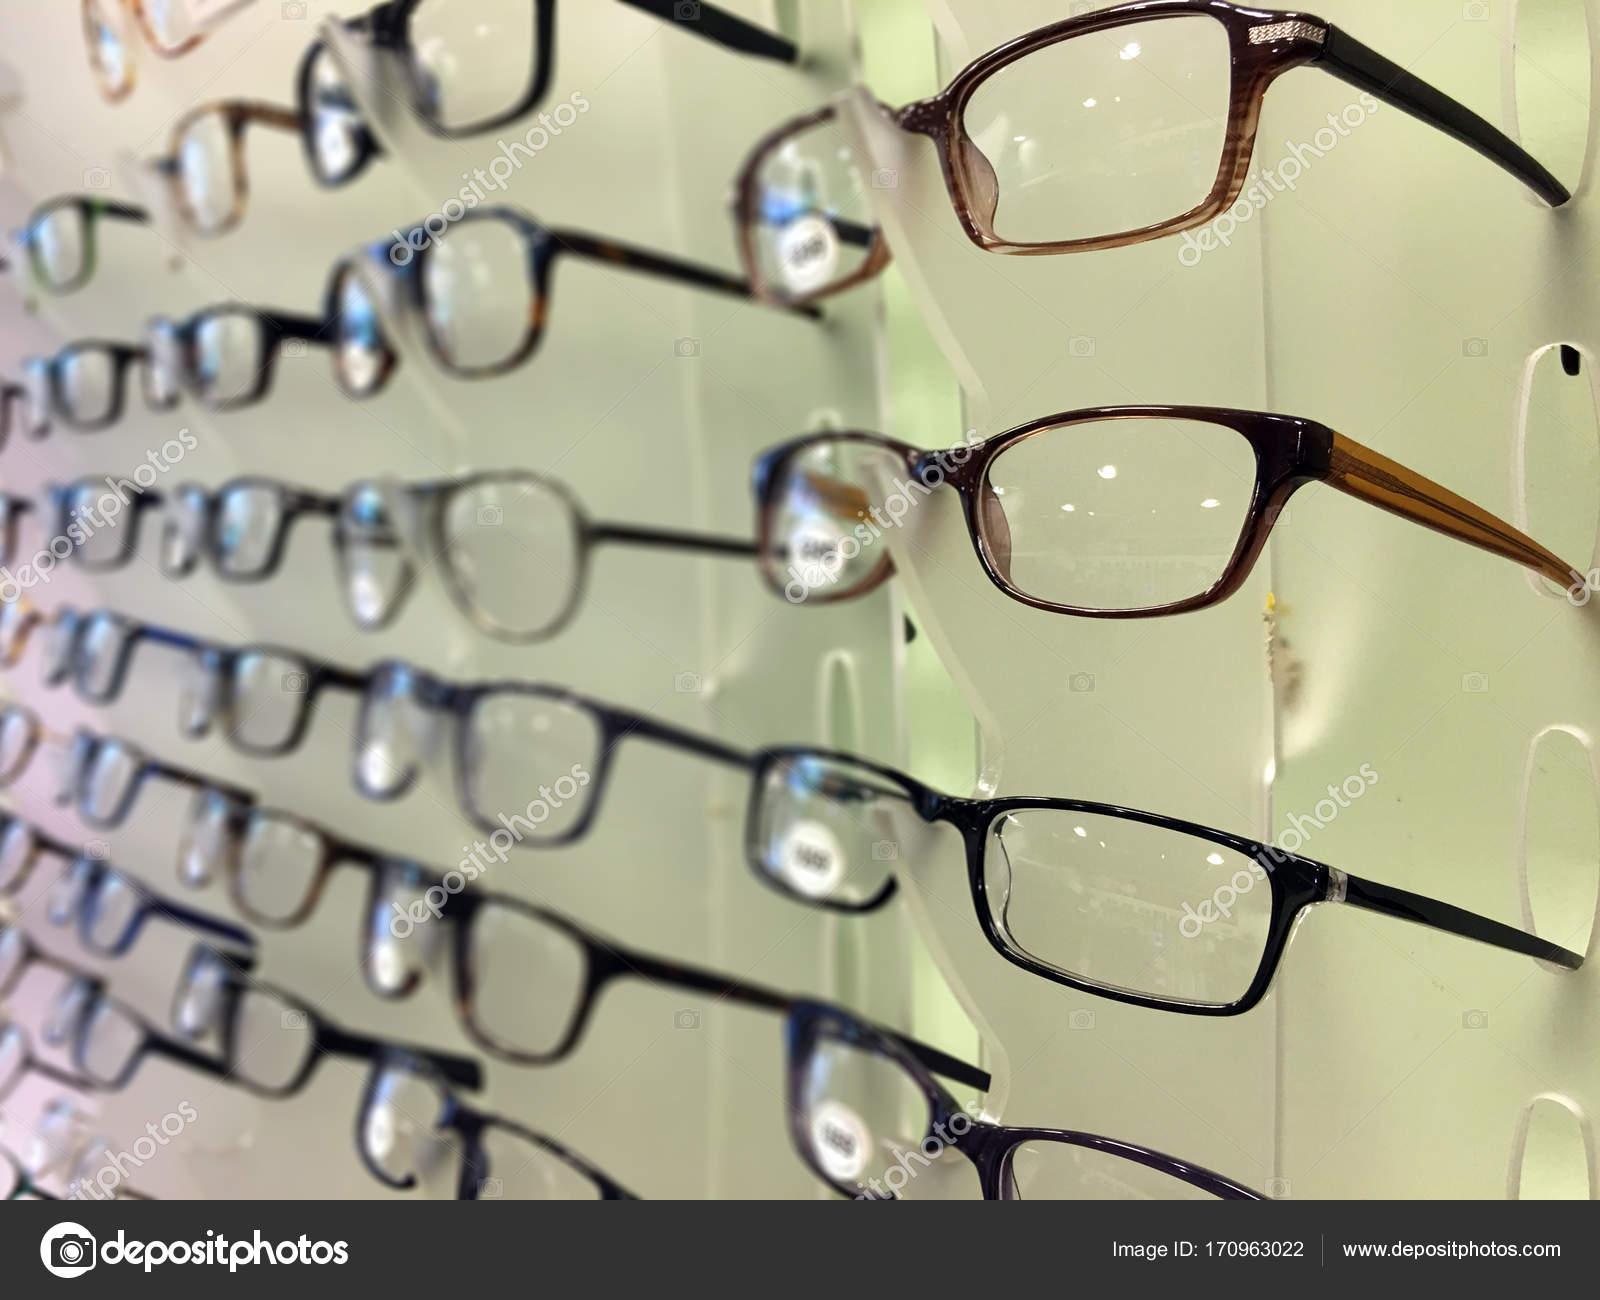 a14965016b3 Gros plan de lunettes au magasin d opticien sur une grille de magasin de  lunettes. Optique